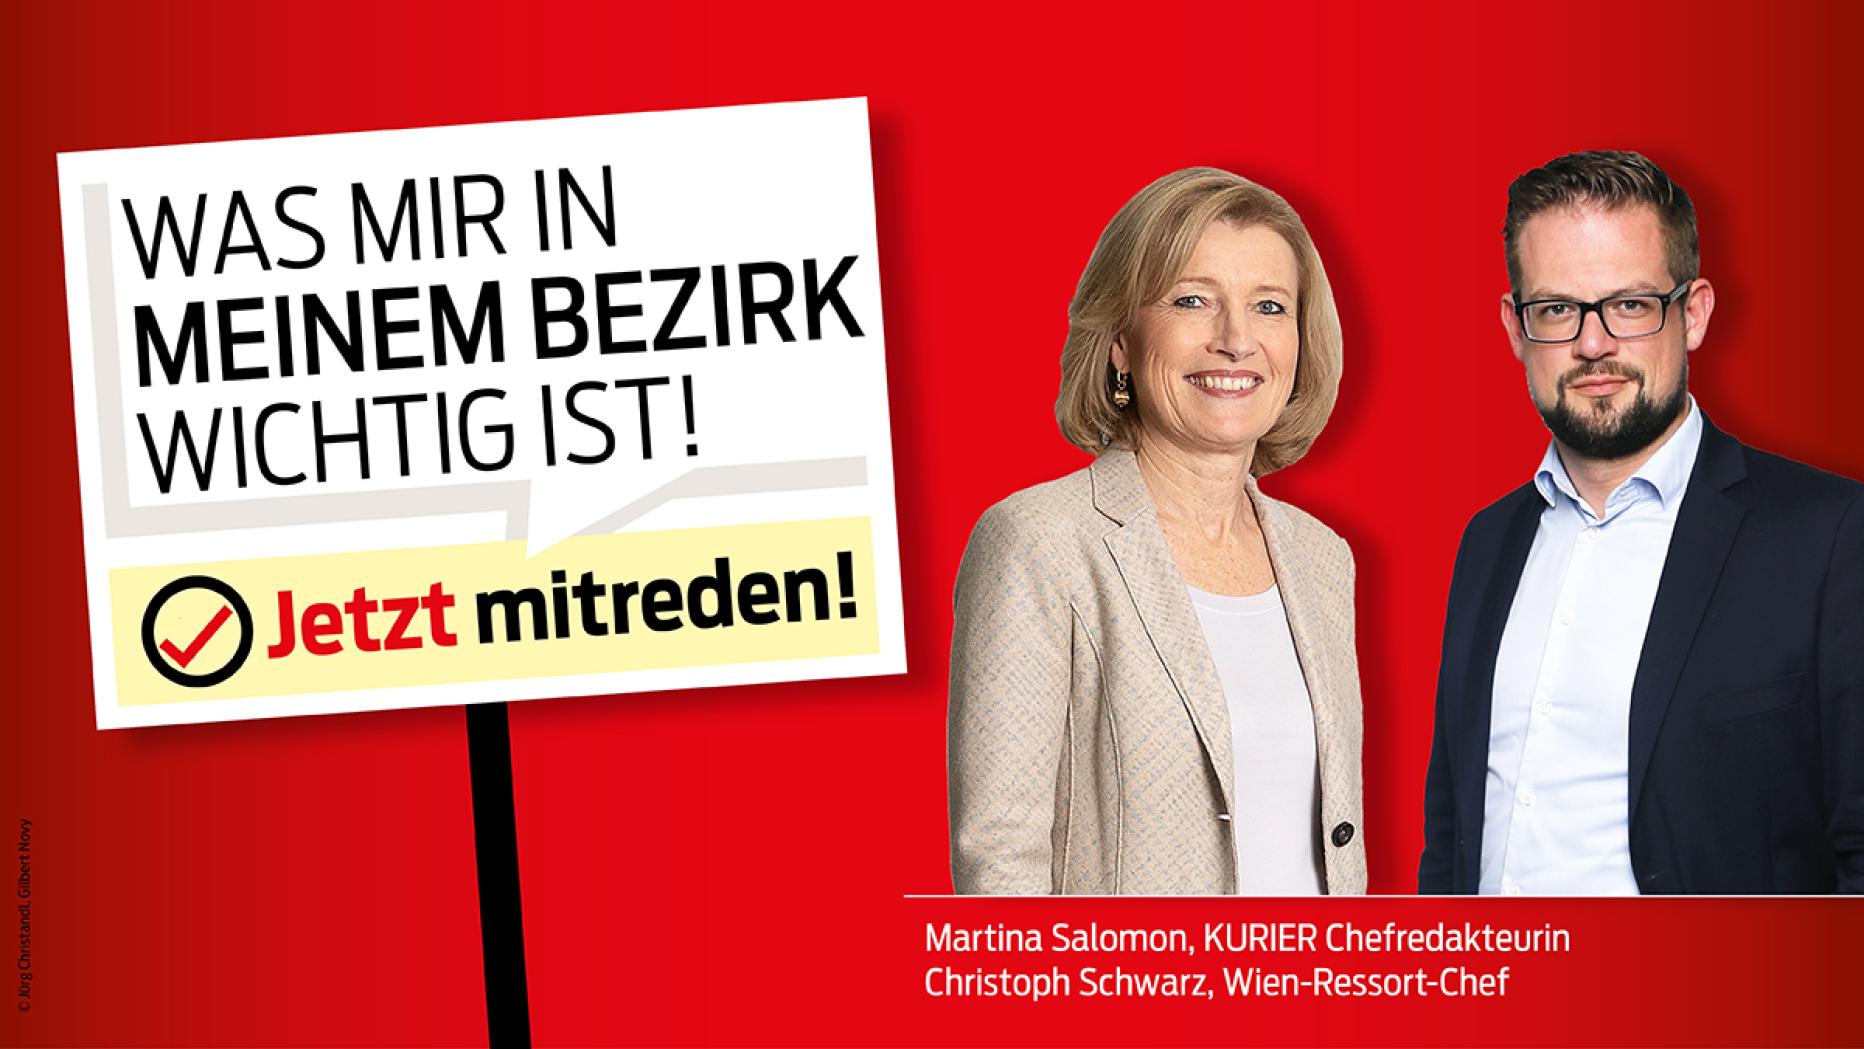 Partnersuche in Wien 11. Bezirk (Simmering - 50plus-Treff